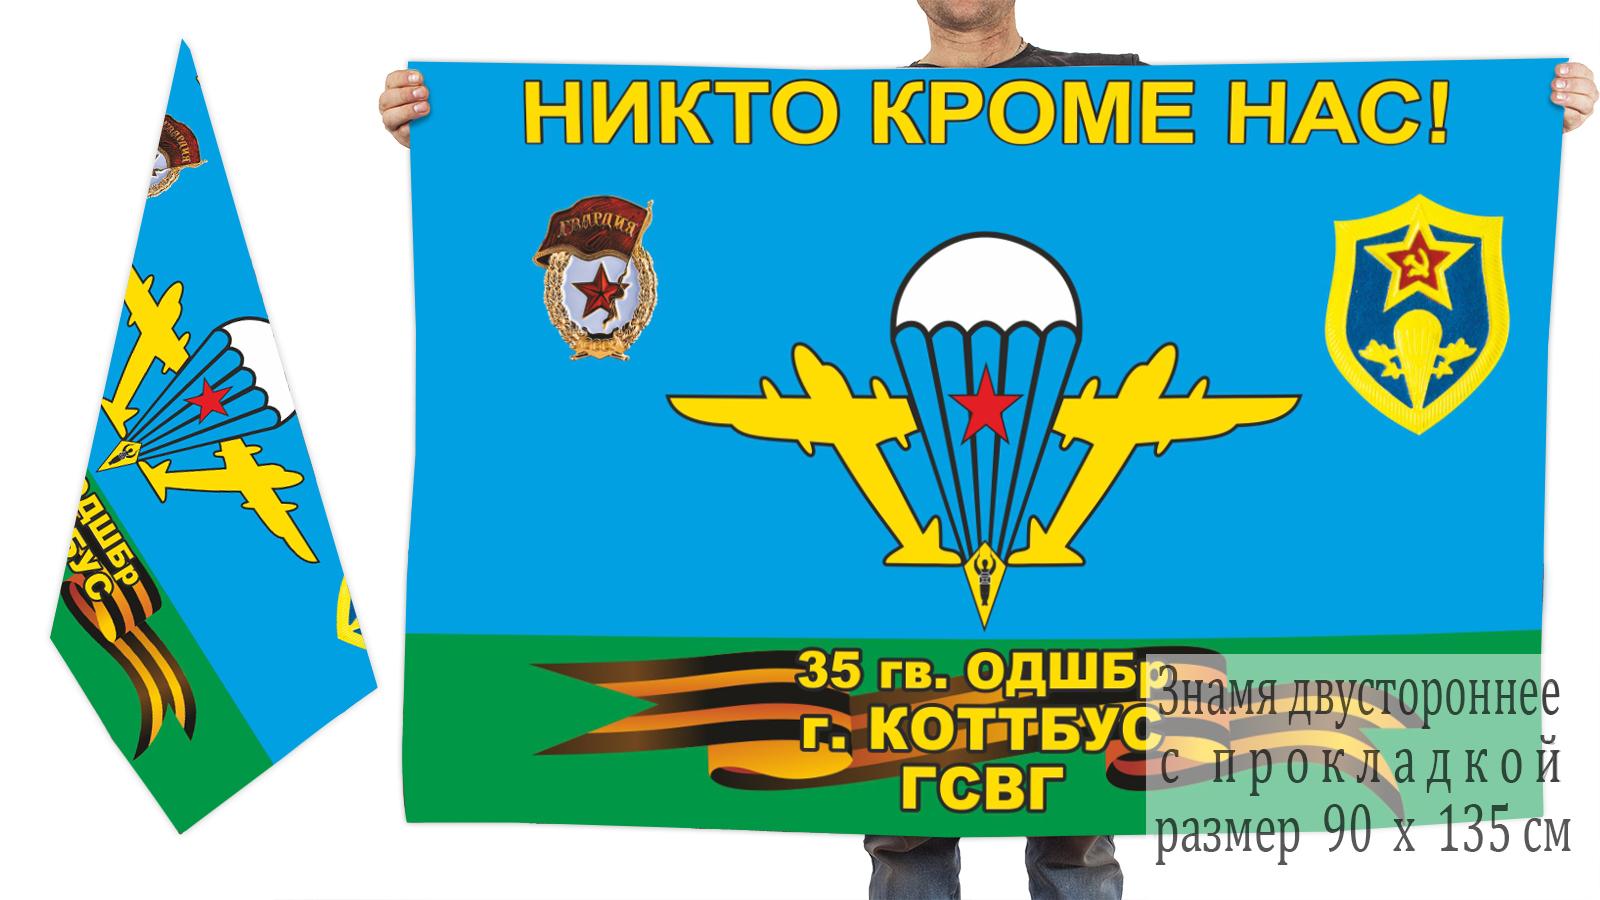 Двусторонний флаг 35 гв. отдельной десантно-штурмовой бригады